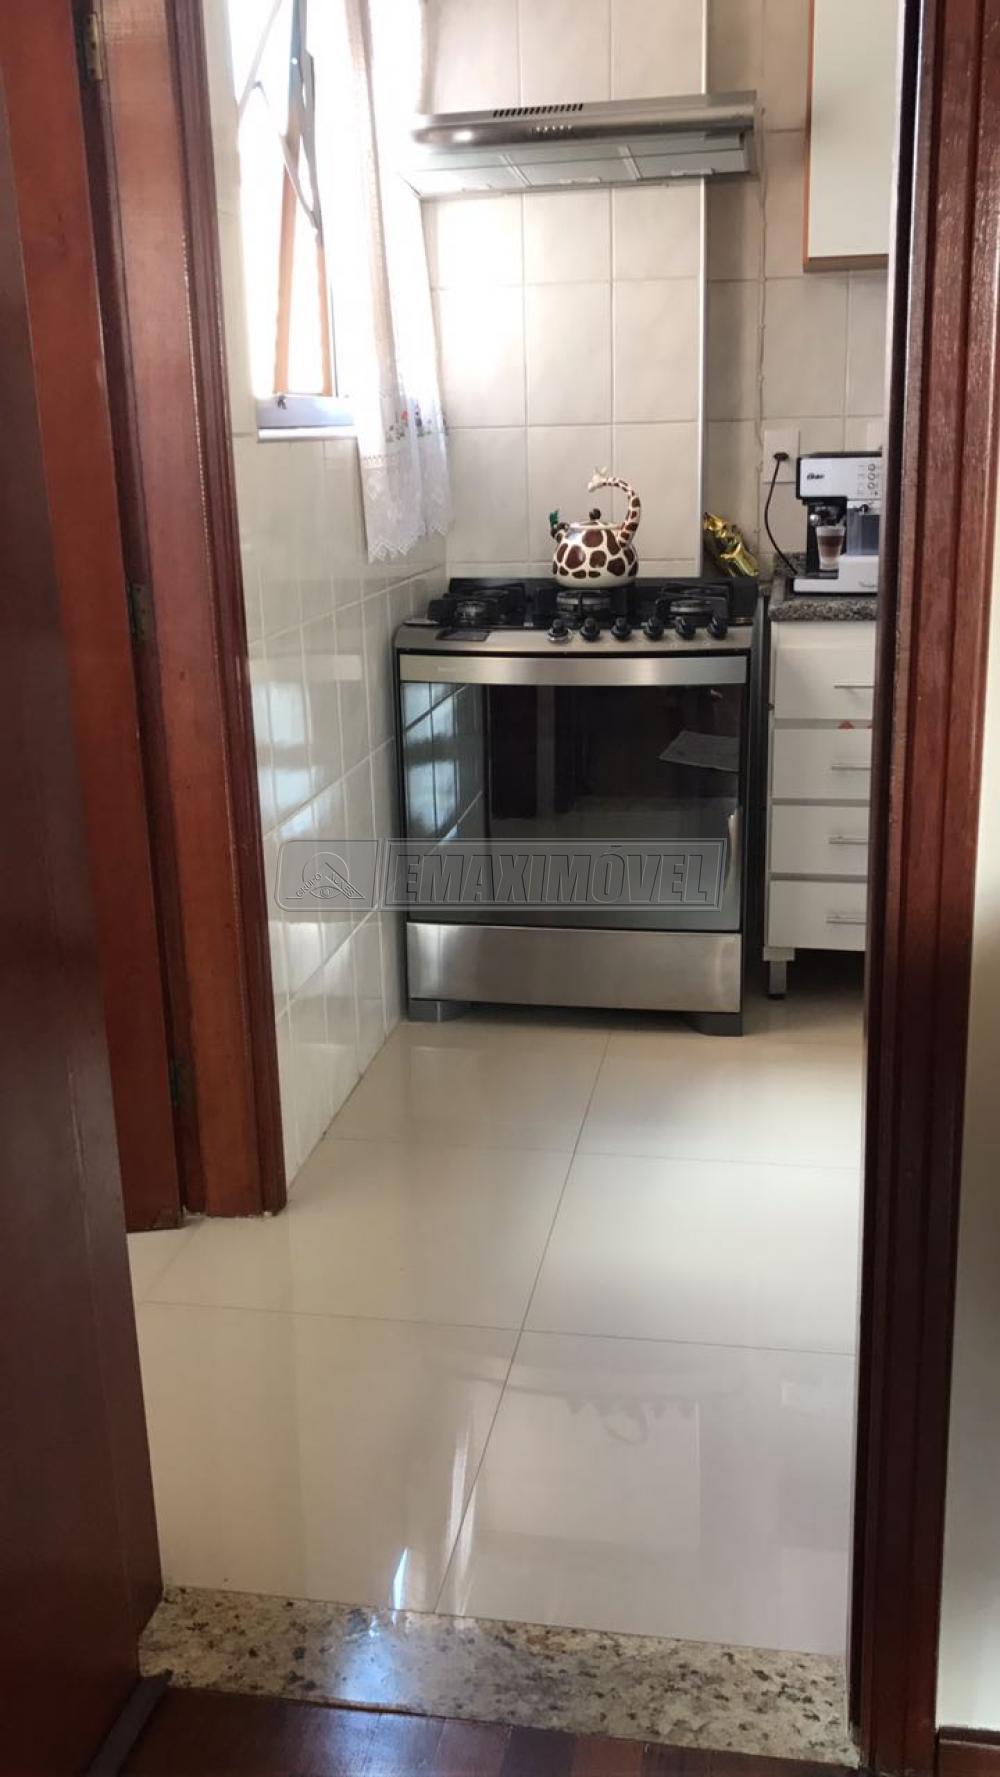 Comprar Apartamentos / Apto Padrão em Sorocaba apenas R$ 440.000,00 - Foto 14